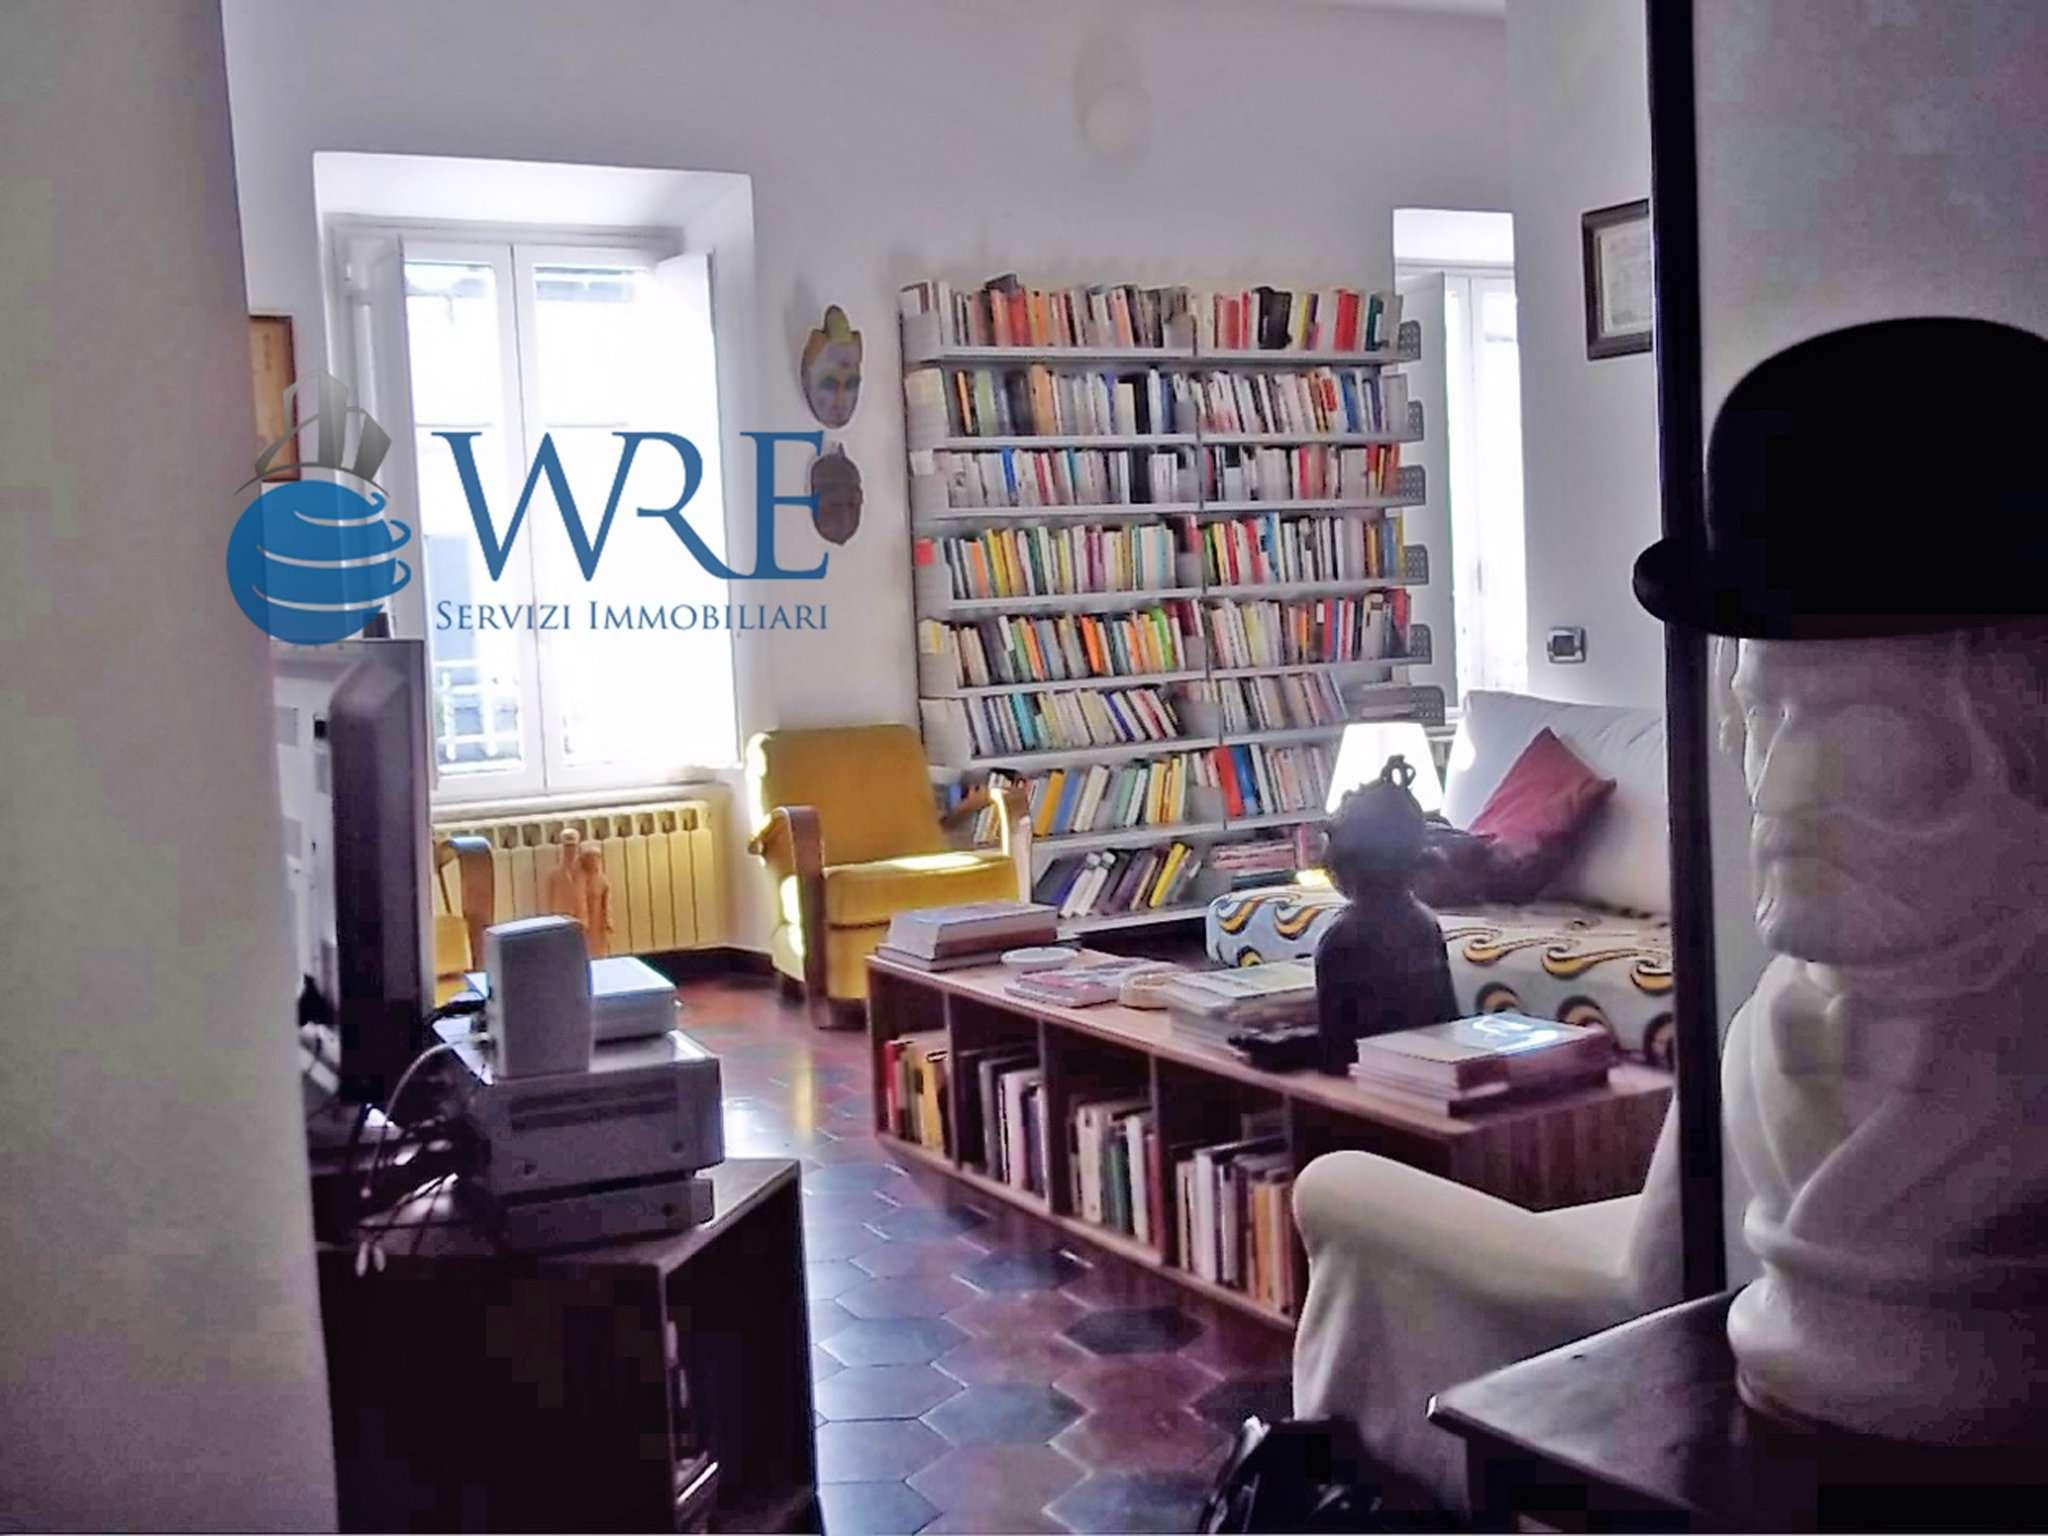 Appartamento in Affitto a Roma 28 Trastevere / Testaccio: 2 locali, 50 mq